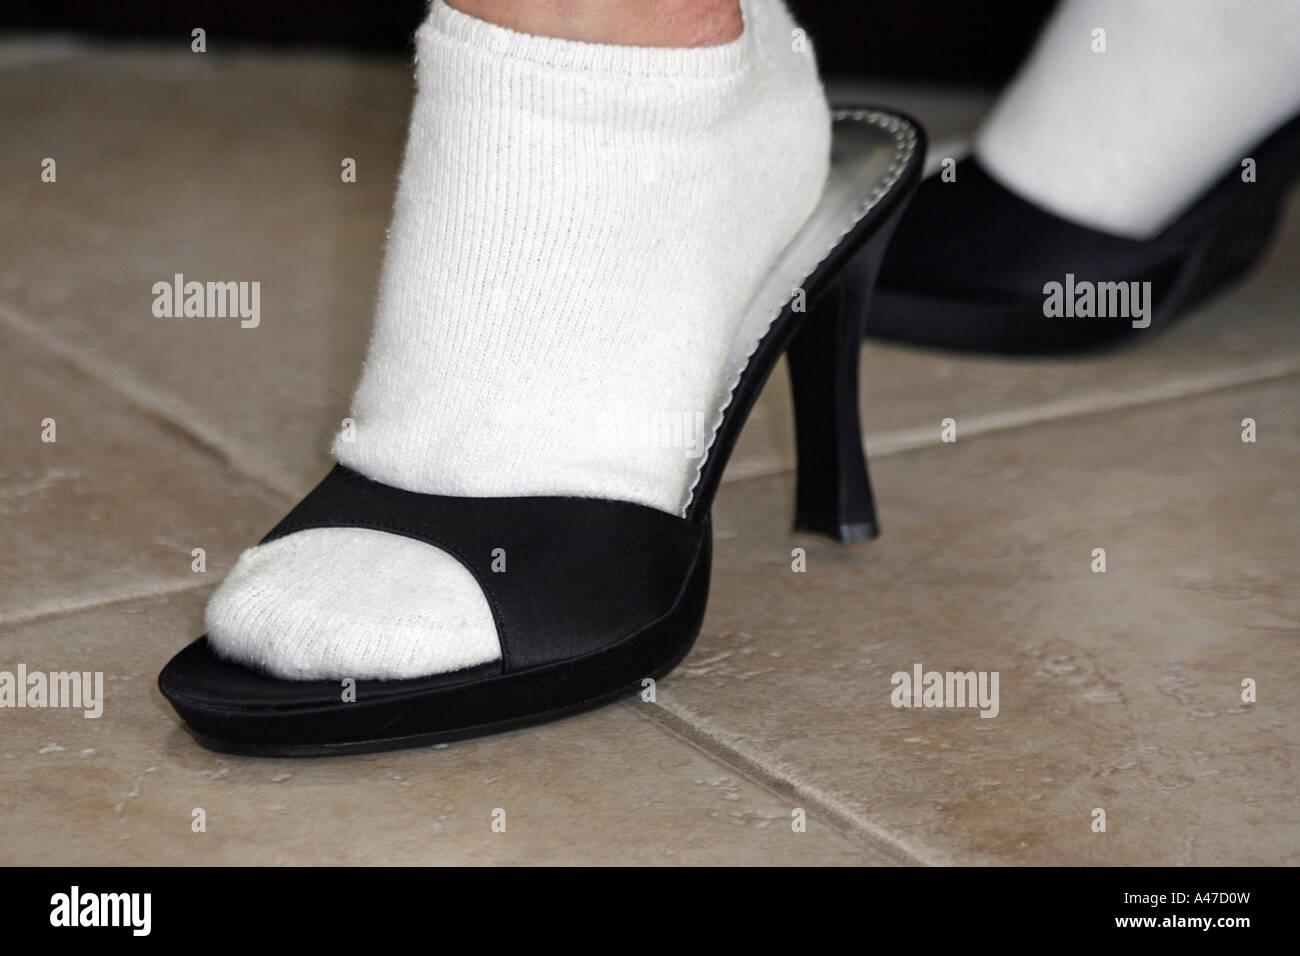 Dirty Womens Shoe